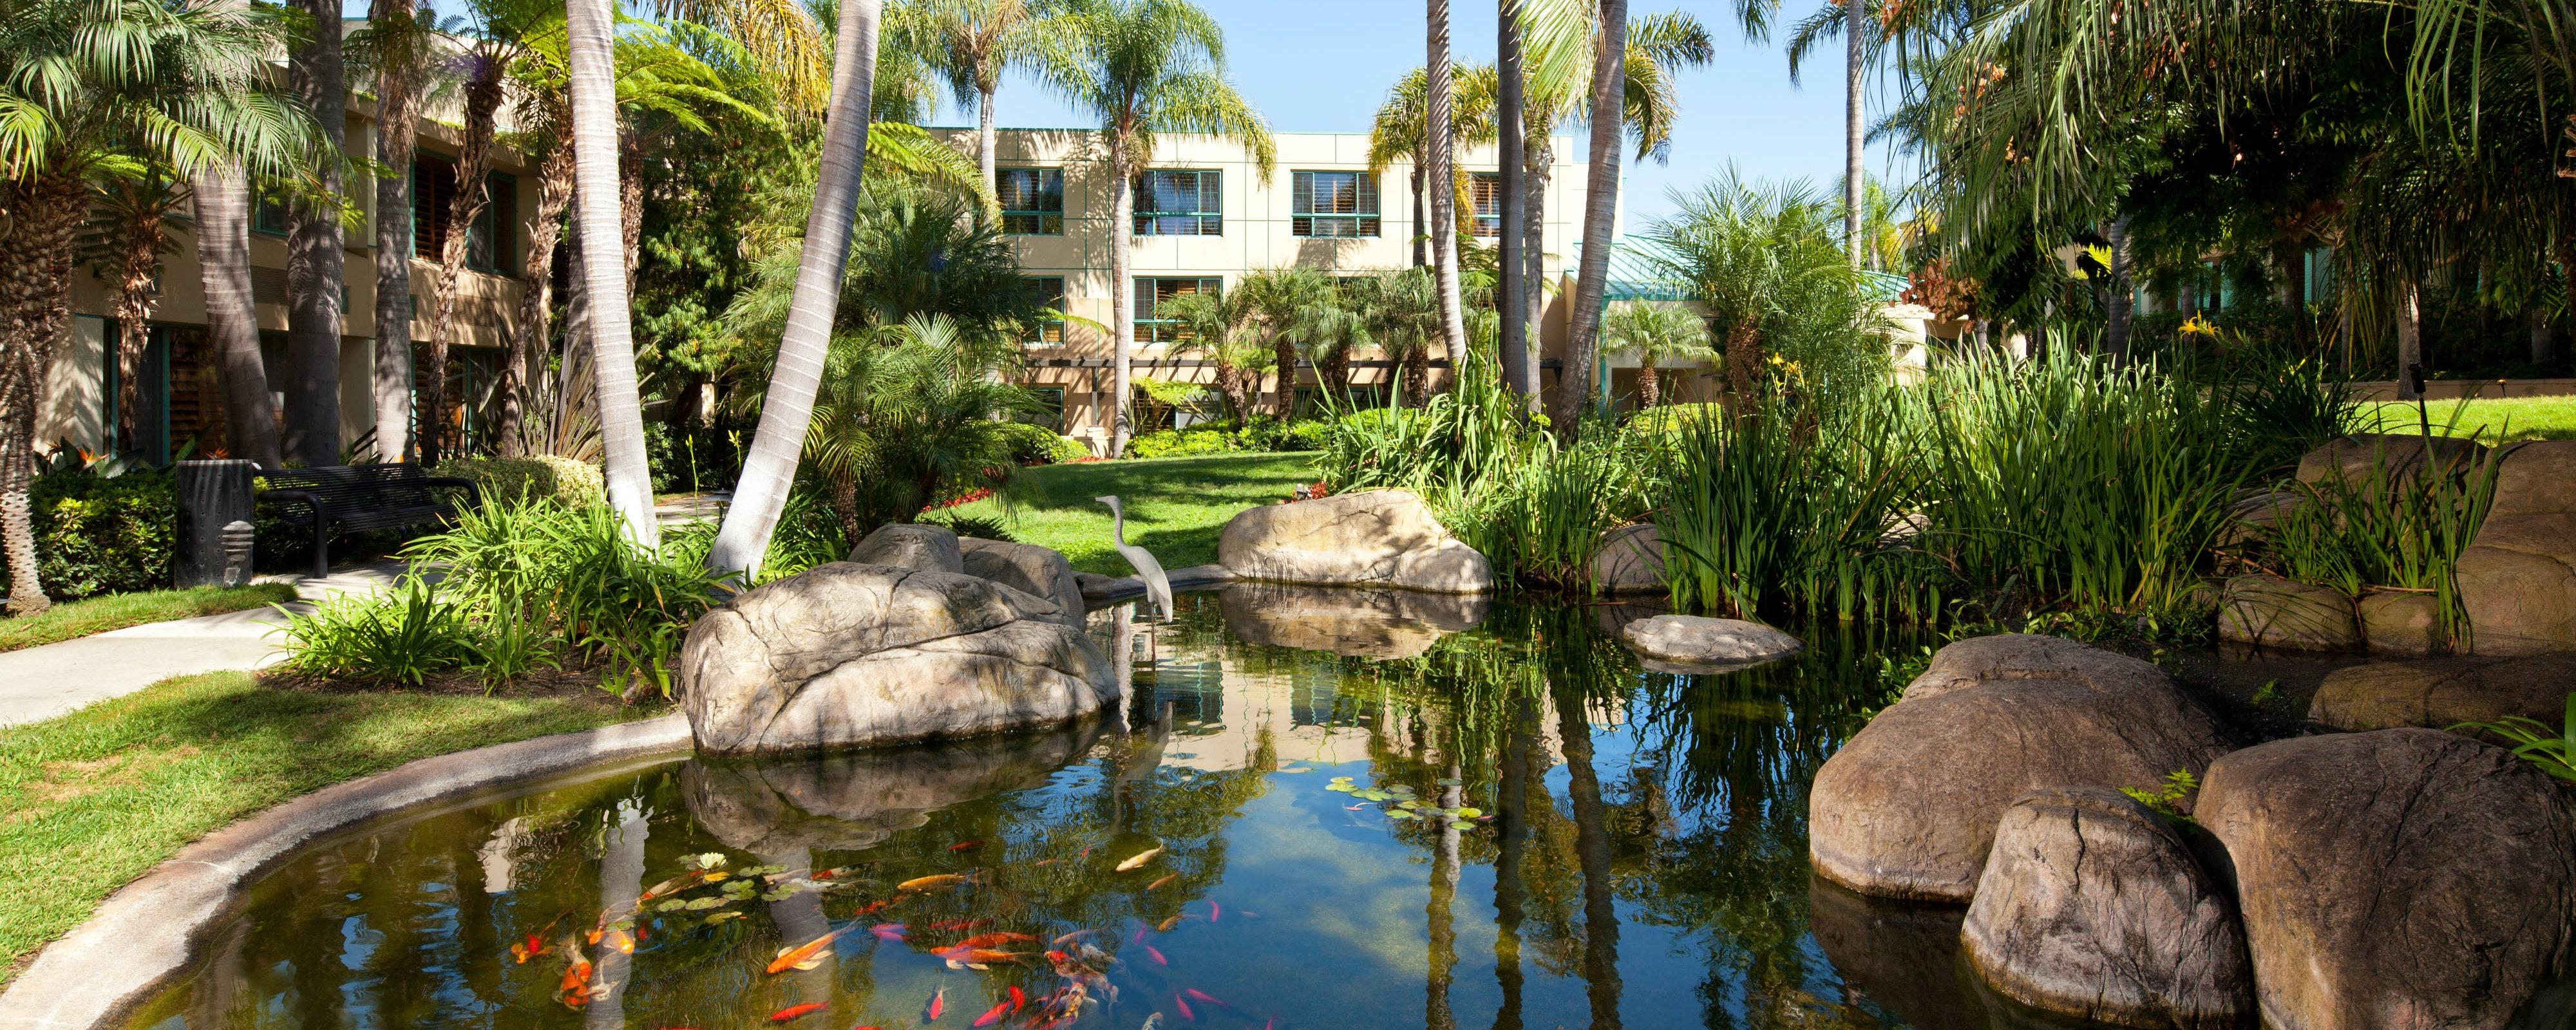 Gärten und Teich